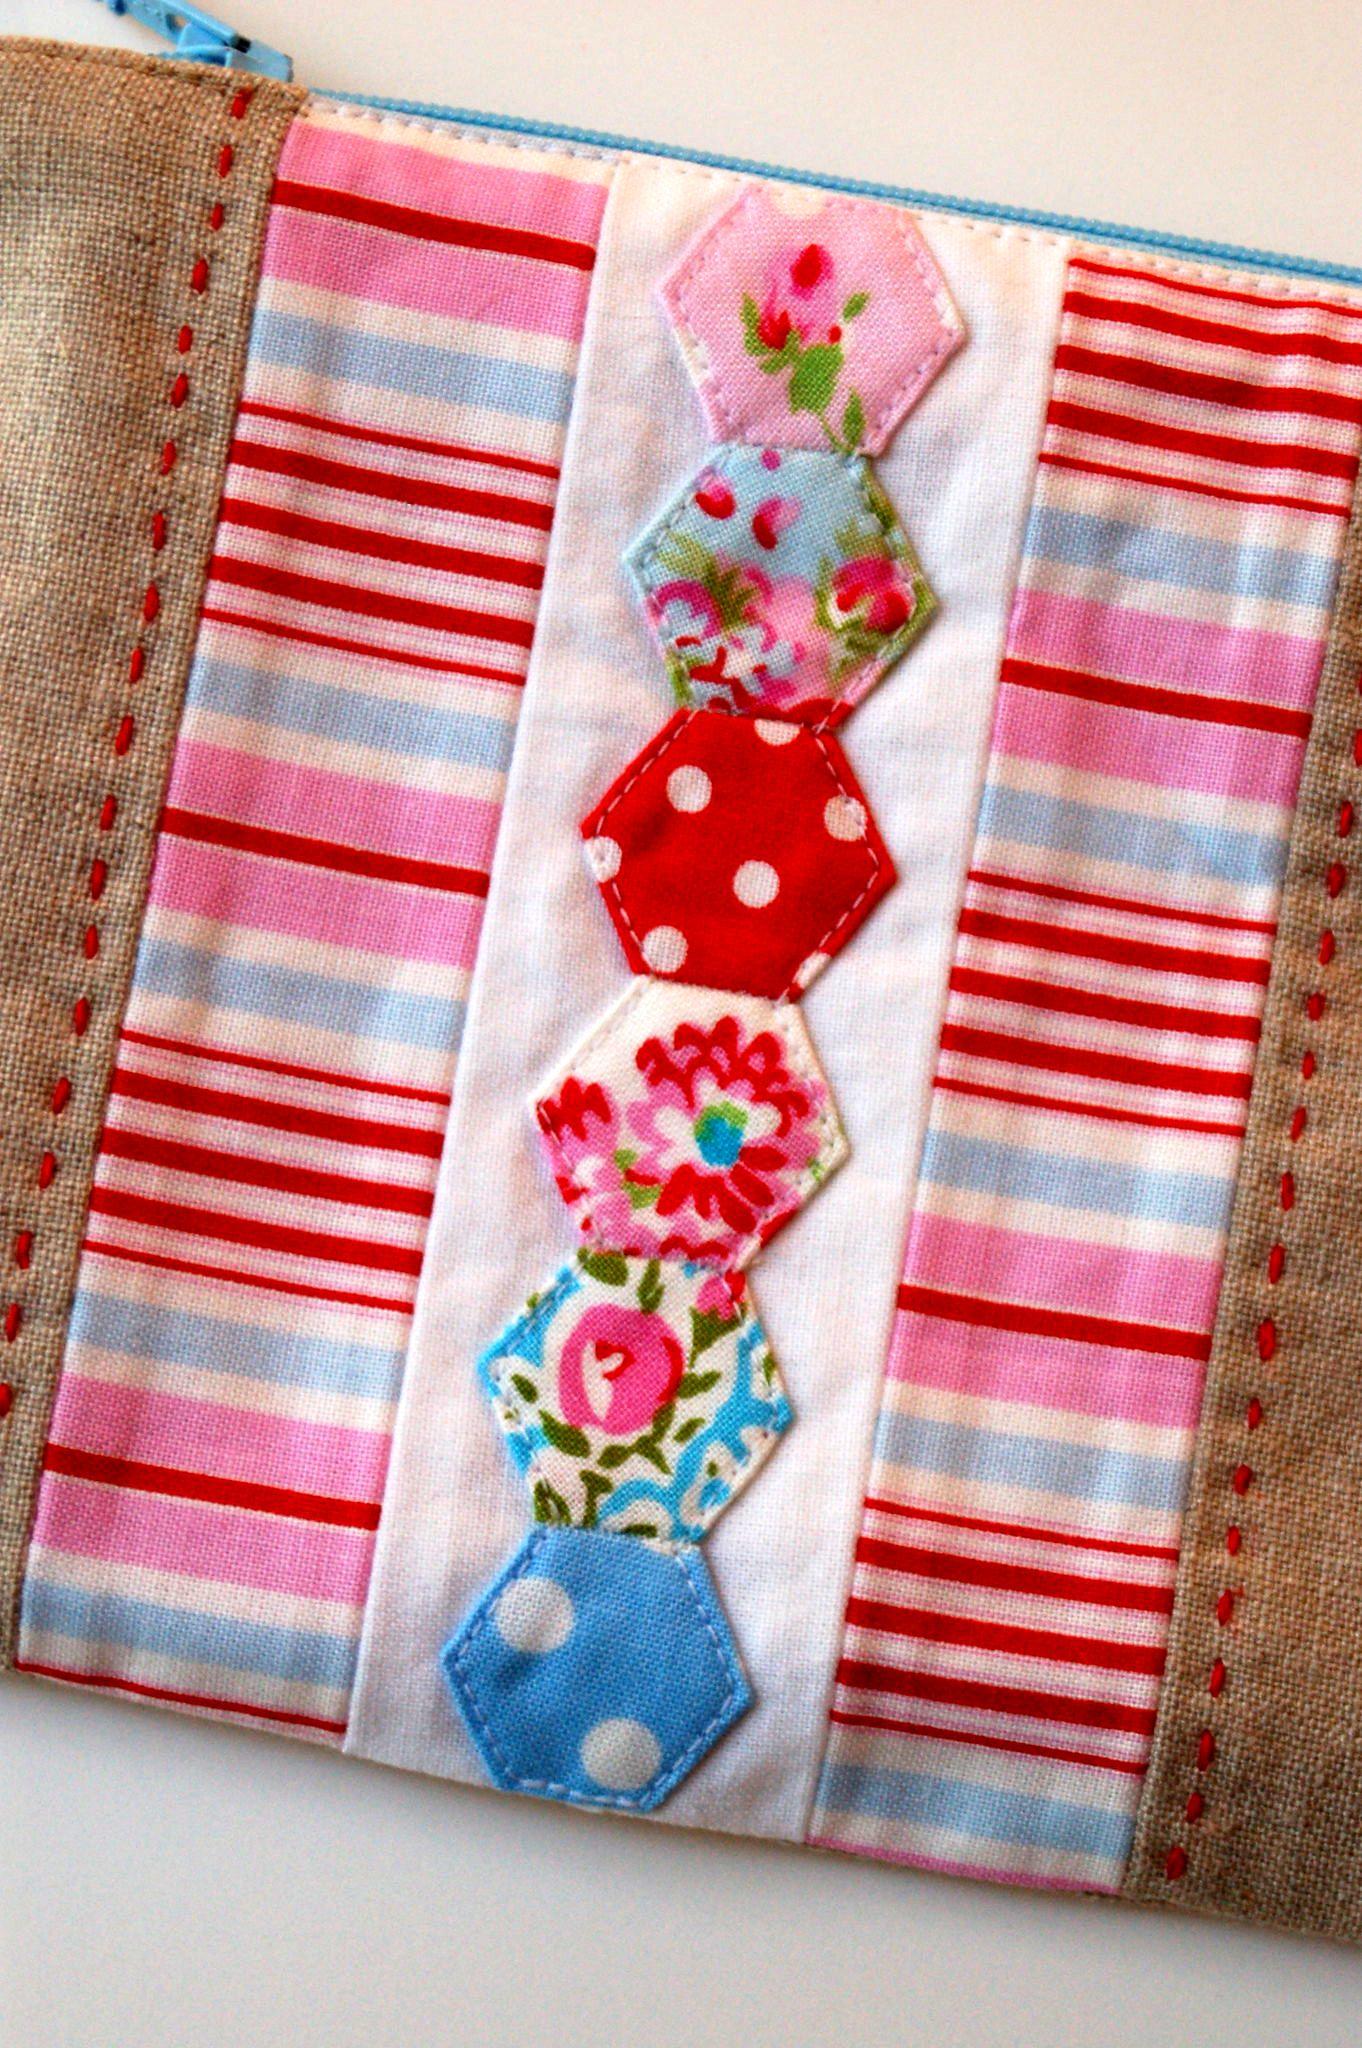 Hexagon Zipper Pouch Tutorial